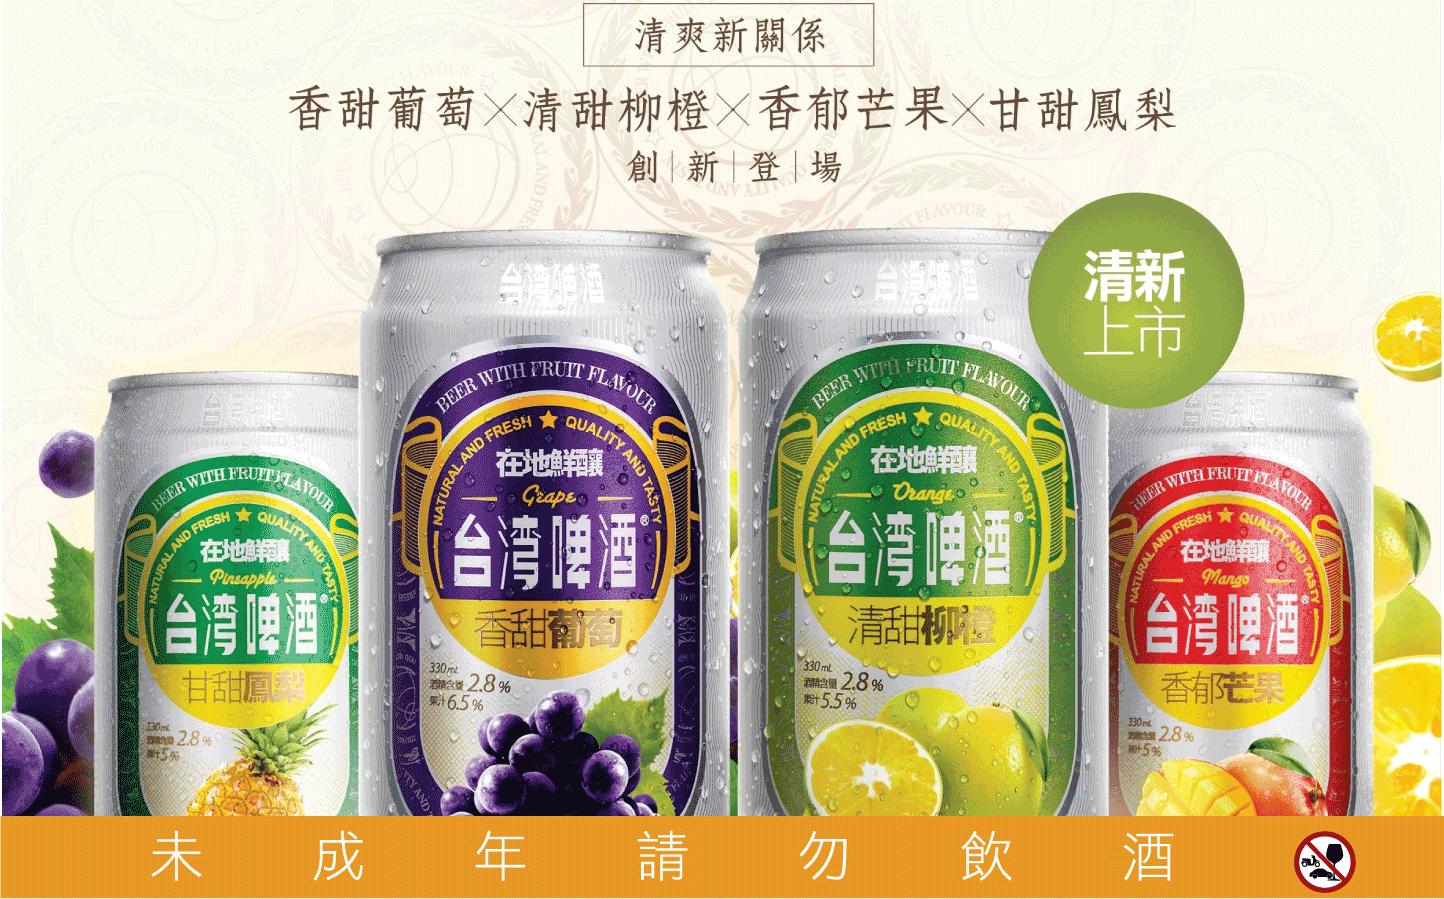 1111職涯論壇-行銷企劃幫                            行銷企劃專區                    台啤水果啤酒Fun話了